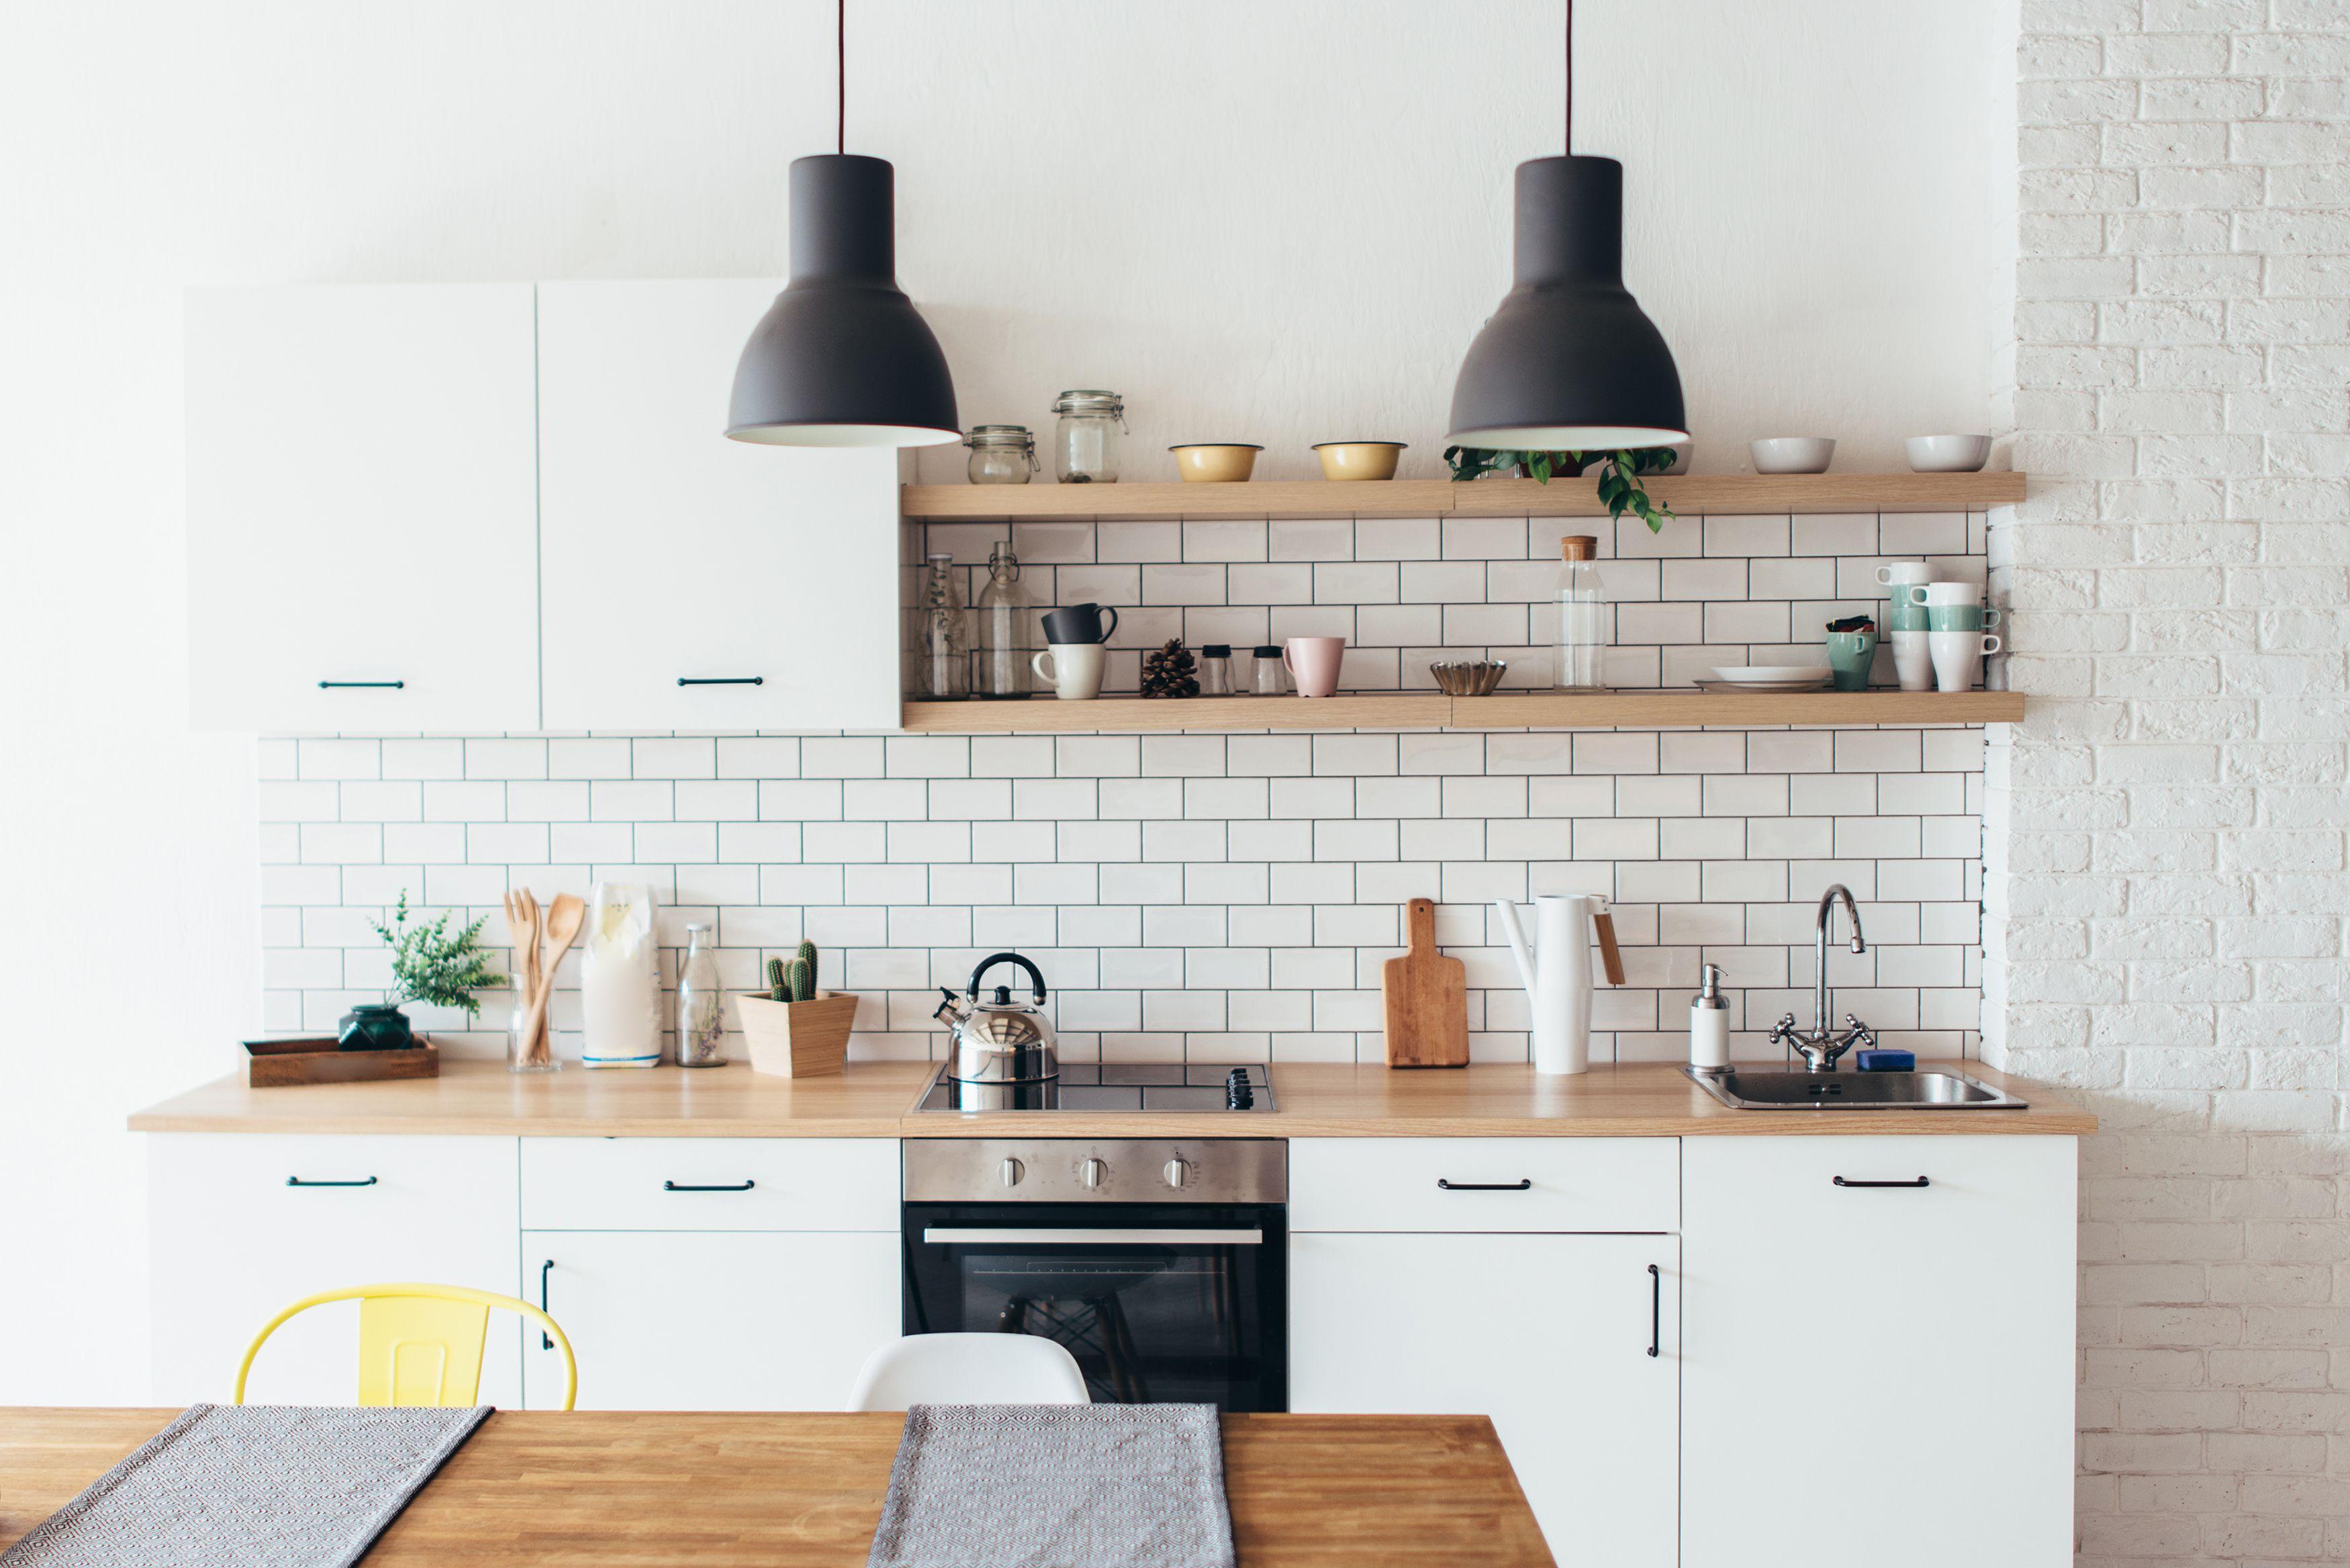 Hacemos realidad la cocina de tus sueños